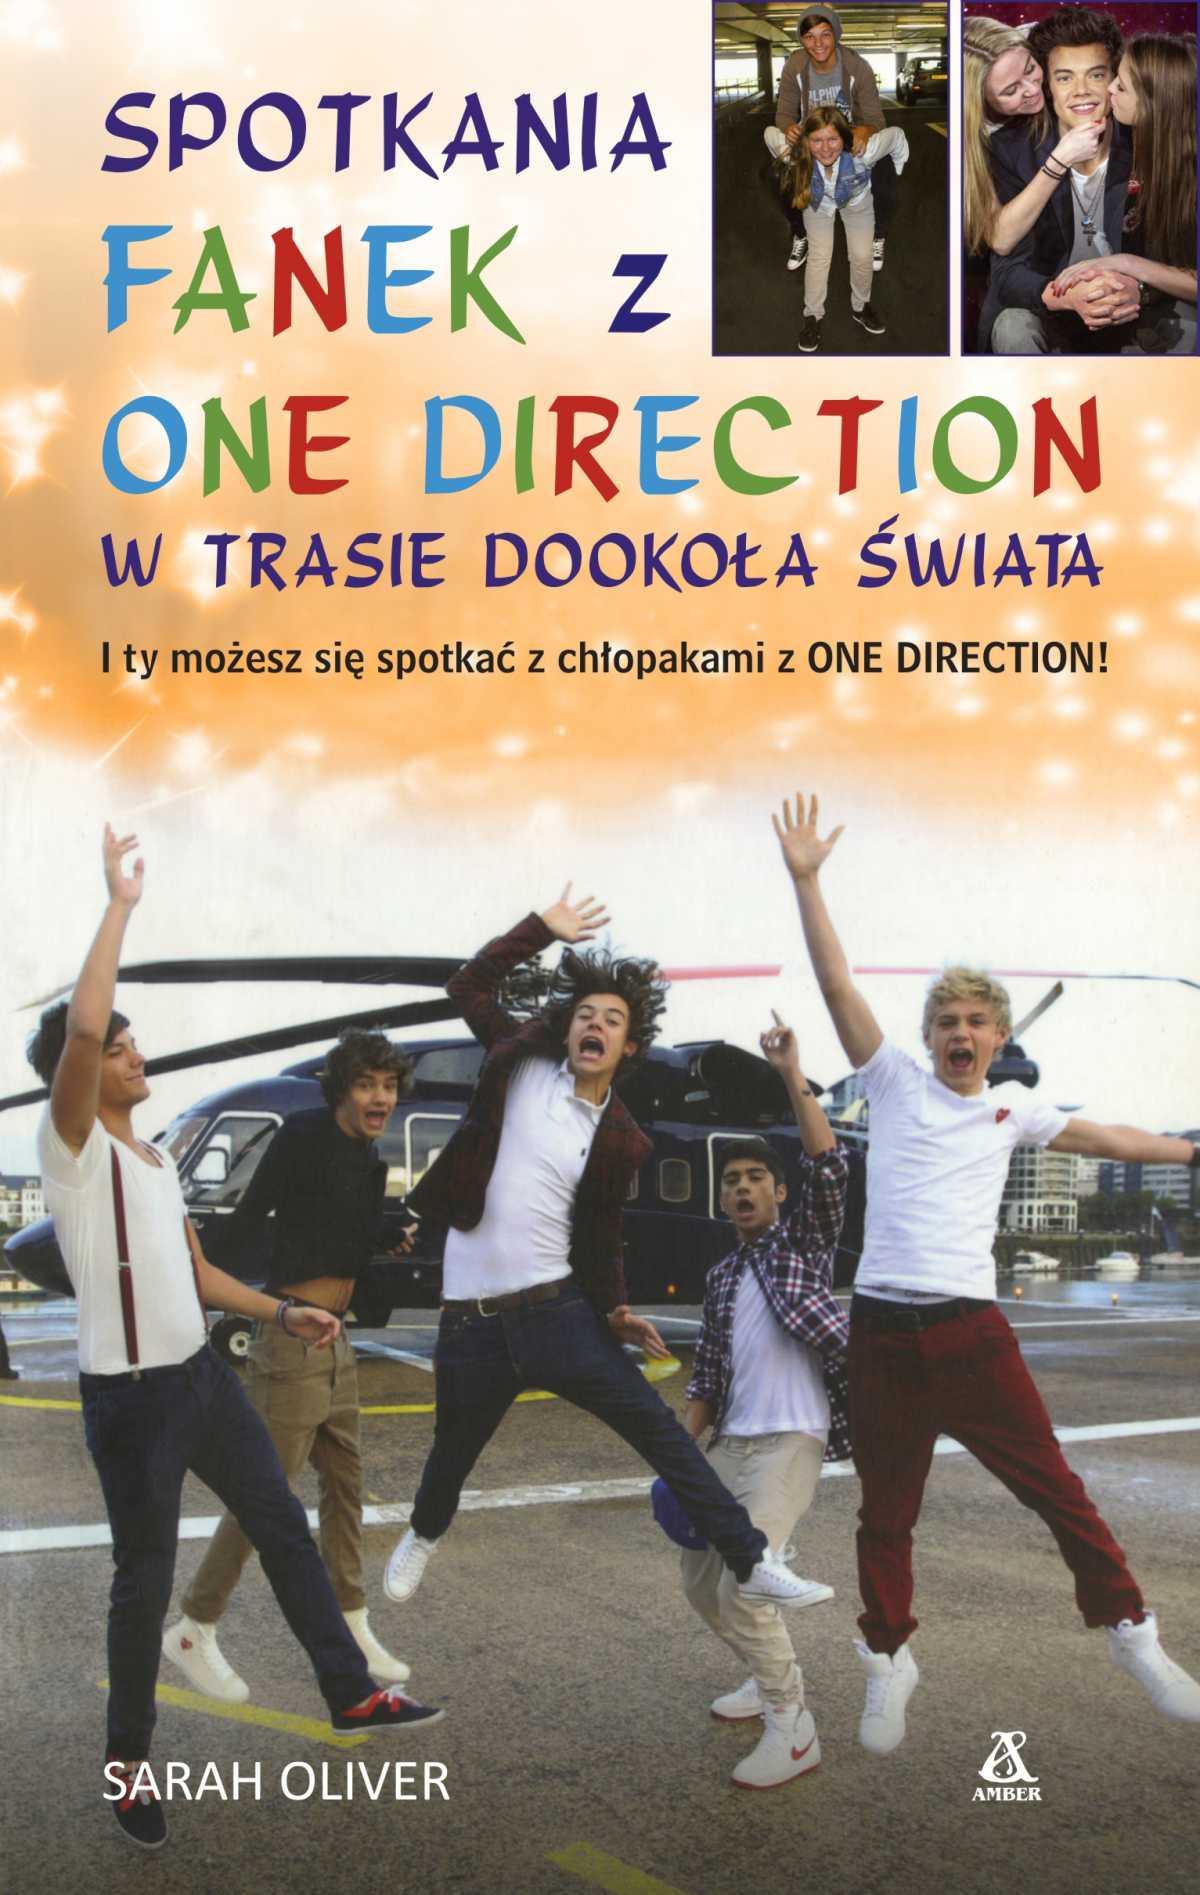 Spotkania fanek z One Direction w trasie dookoła świata - Ebook (Książka na Kindle) do pobrania w formacie MOBI